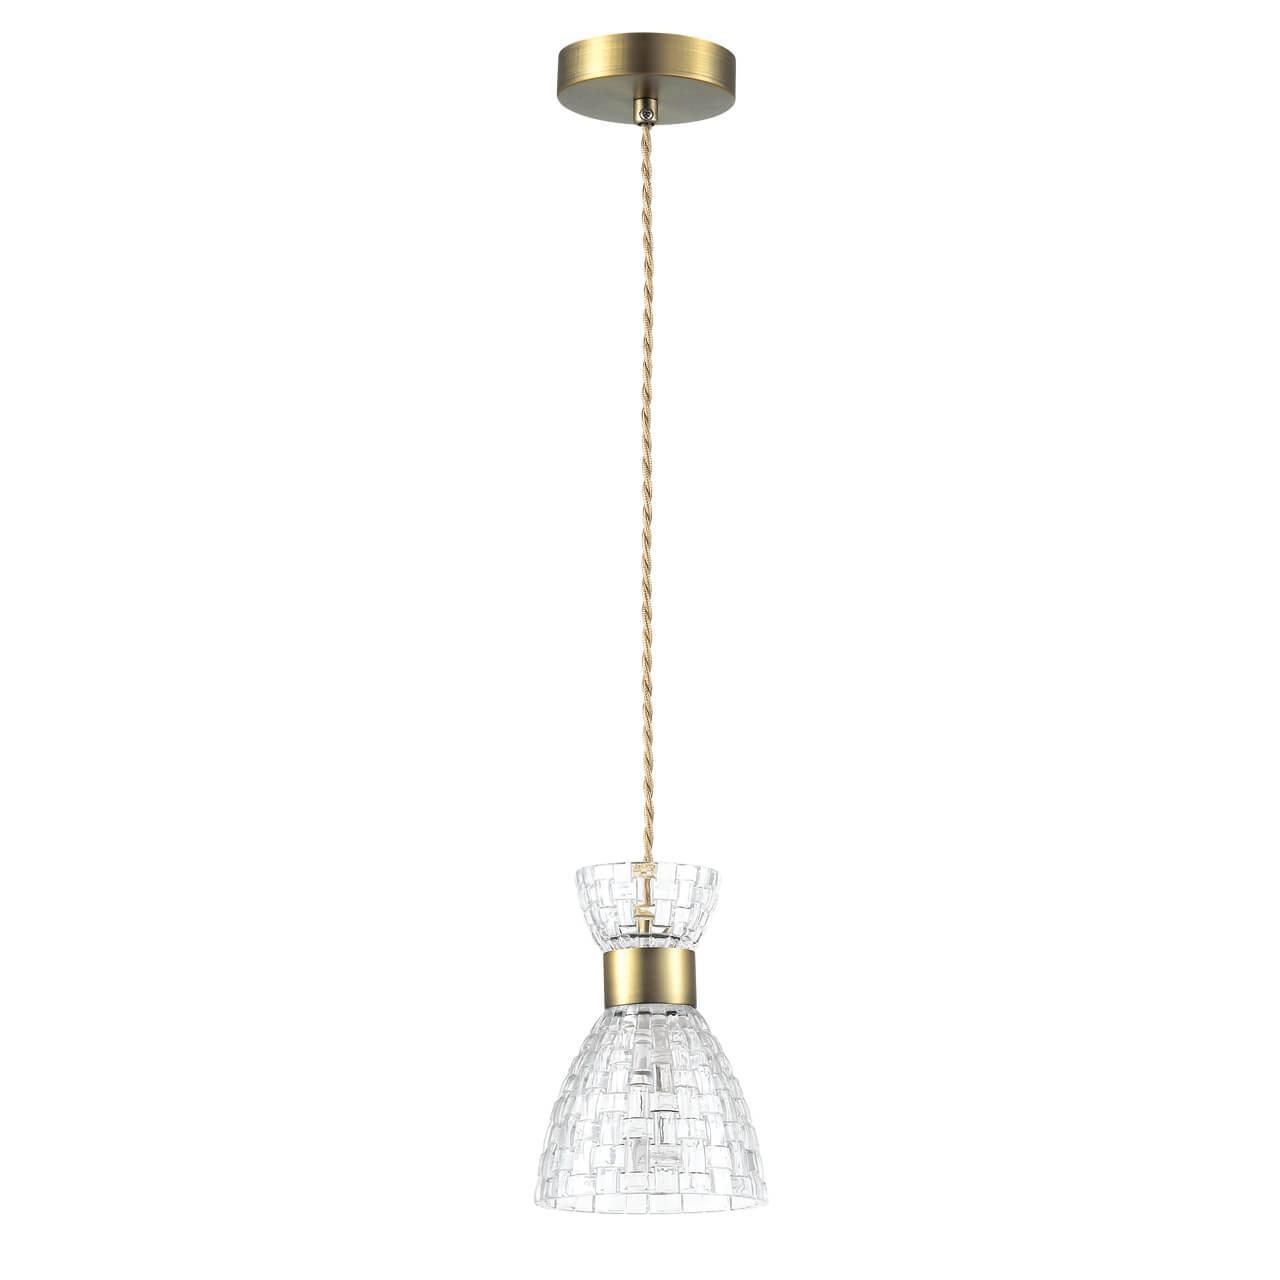 Подвесной светильник Lumion Jackie 3704/1 lumion люстра на штанге lumion jackie 3704 3c